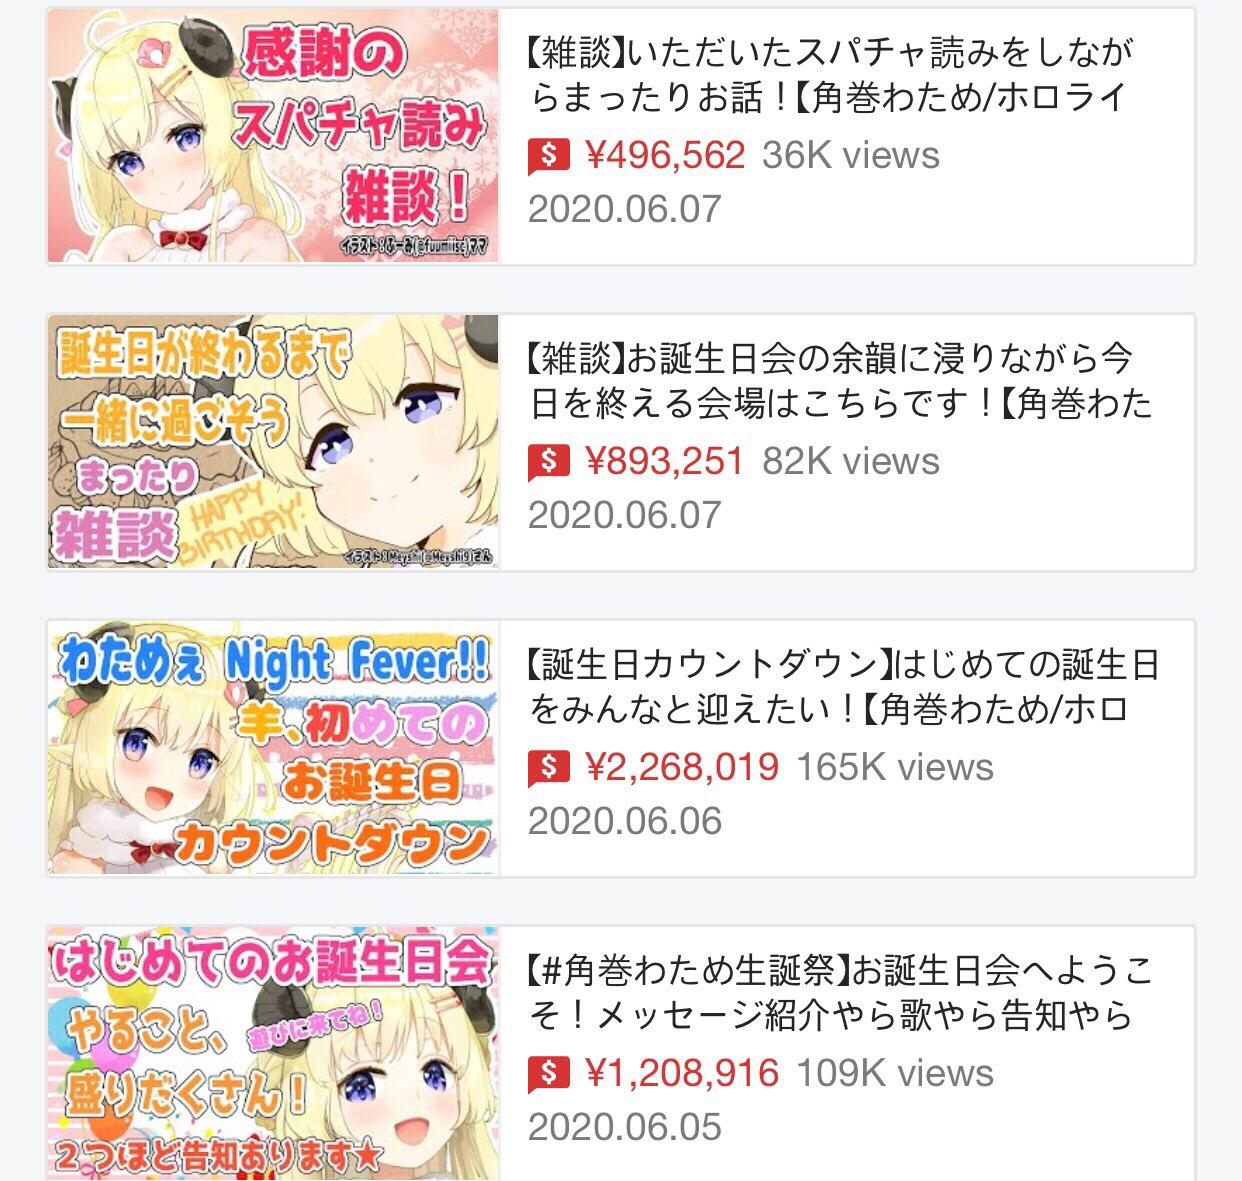 10 8 - 美少女Vチューバー 誕生日に480万円の投げ銭 手抜きでもこれだけ稼げる